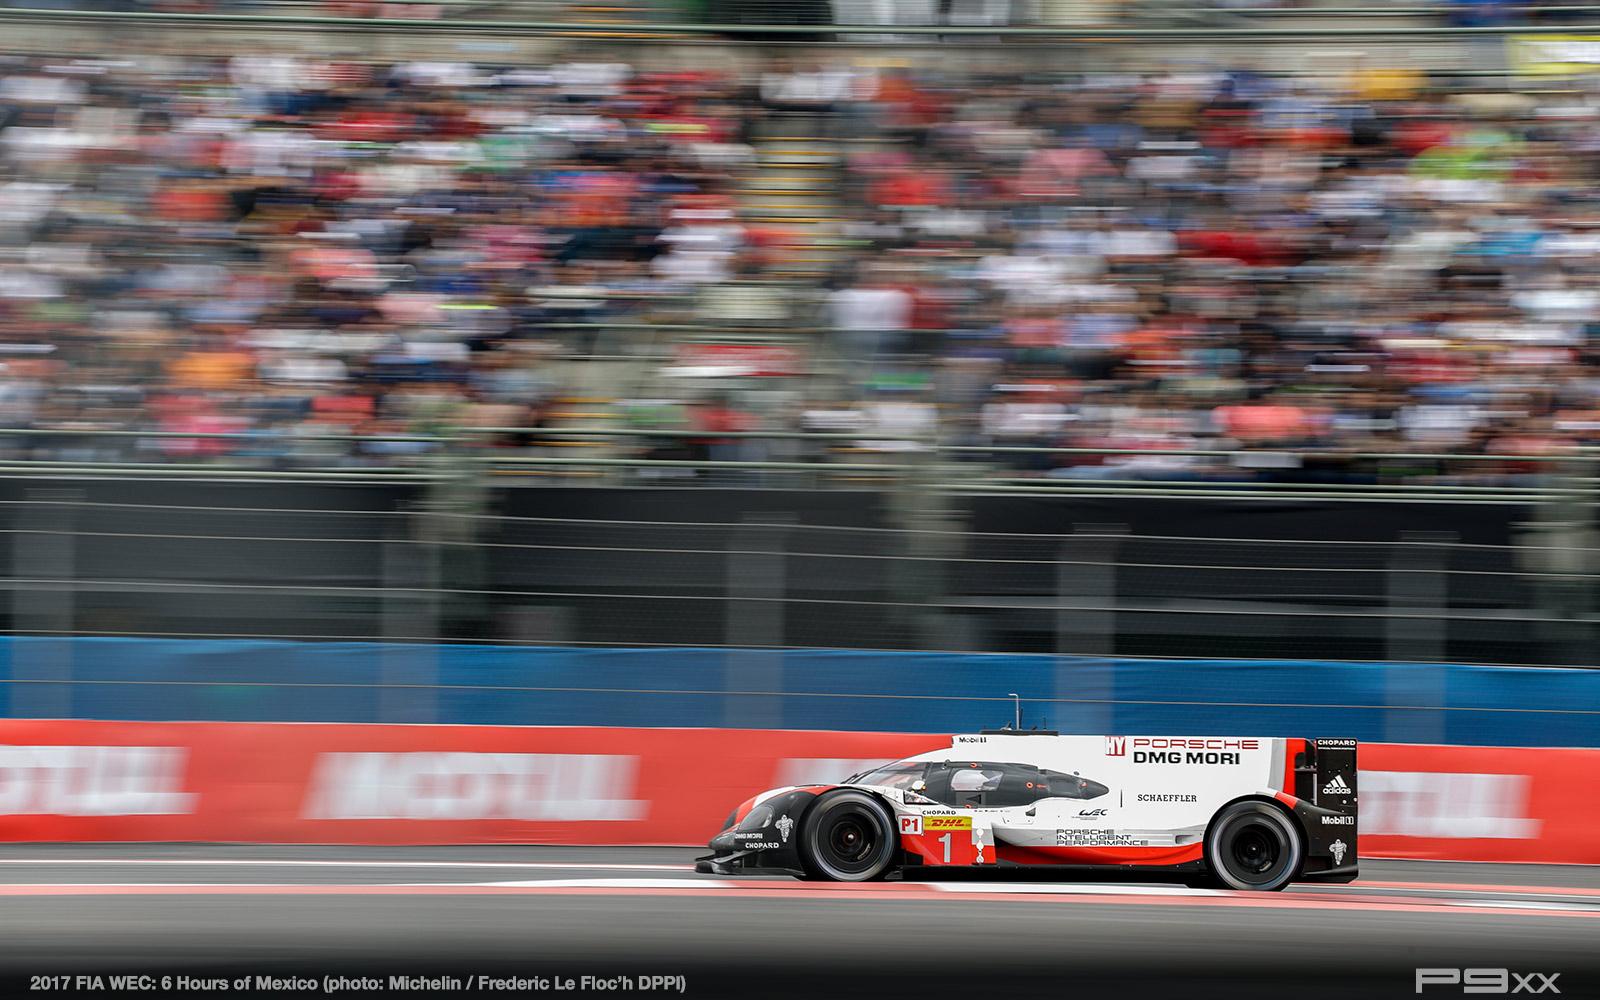 2017-FIA-WEC-6-HOURS-MEXICO-PORSCHE-exico_FLF_02117008_528371269